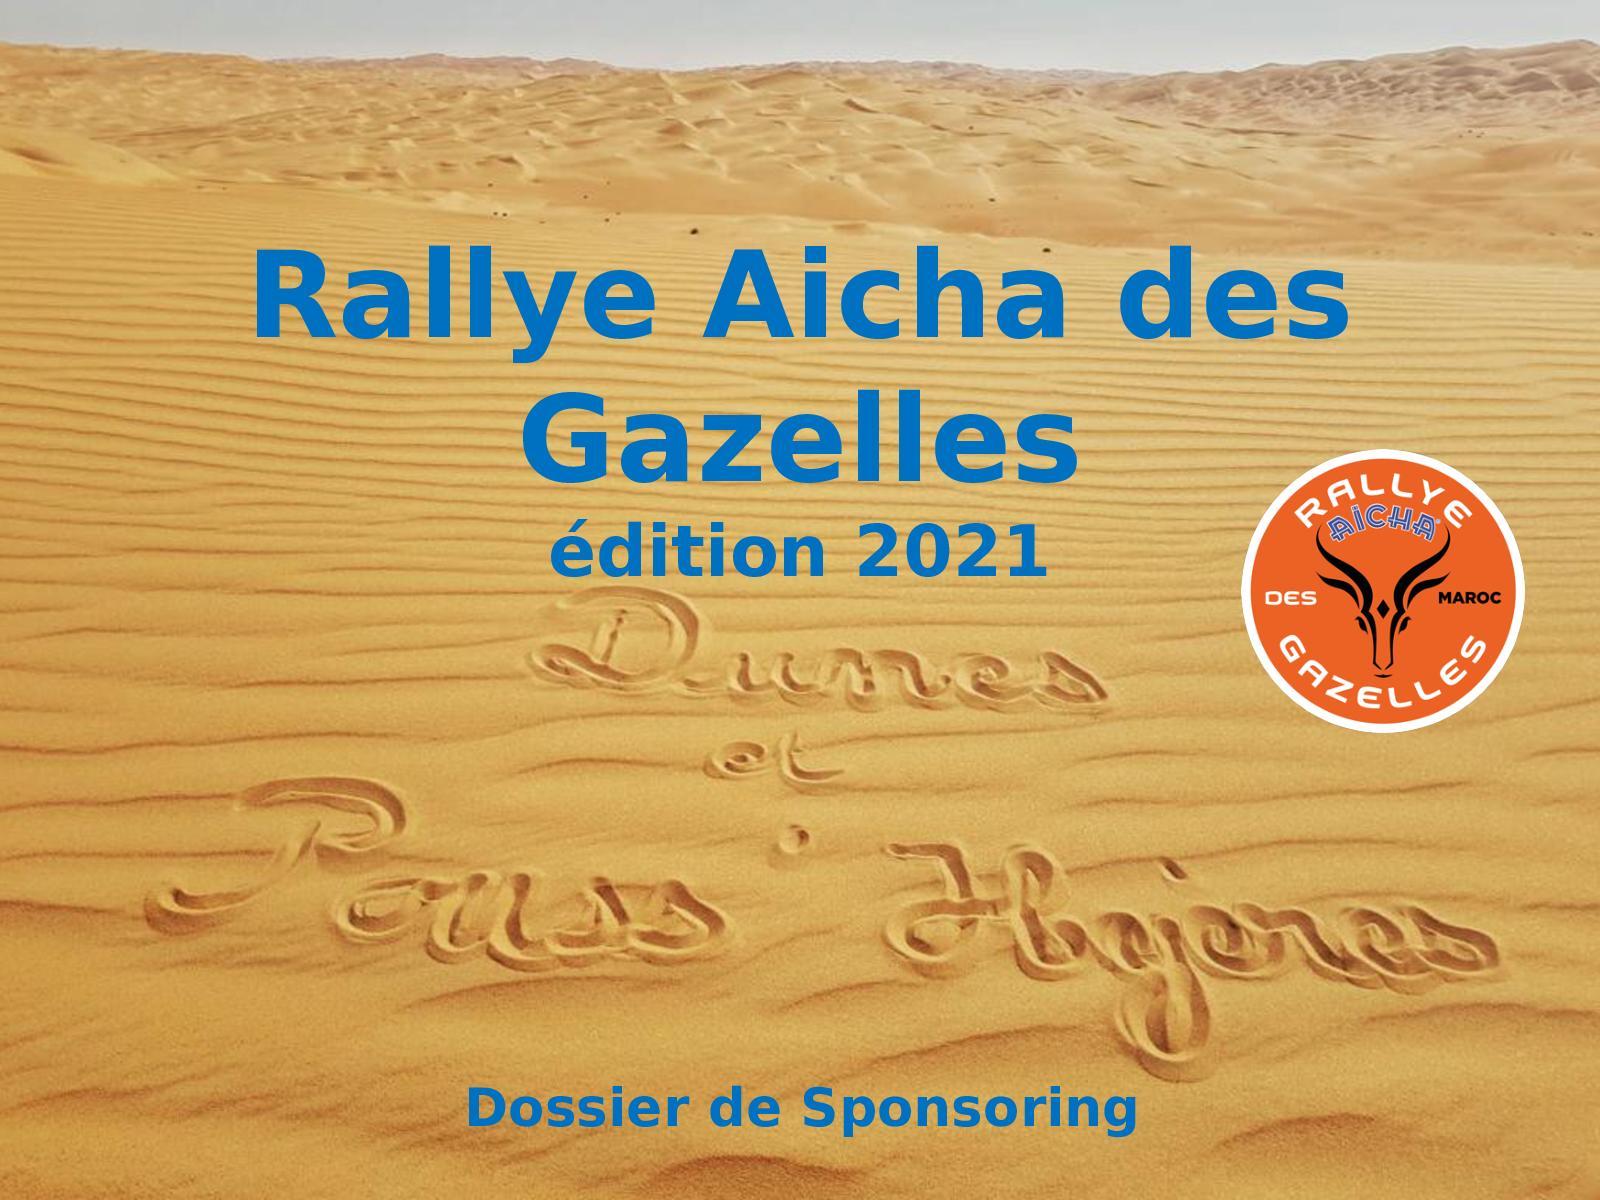 Dossier Sponsoring - Dunes et Pouss'hyères